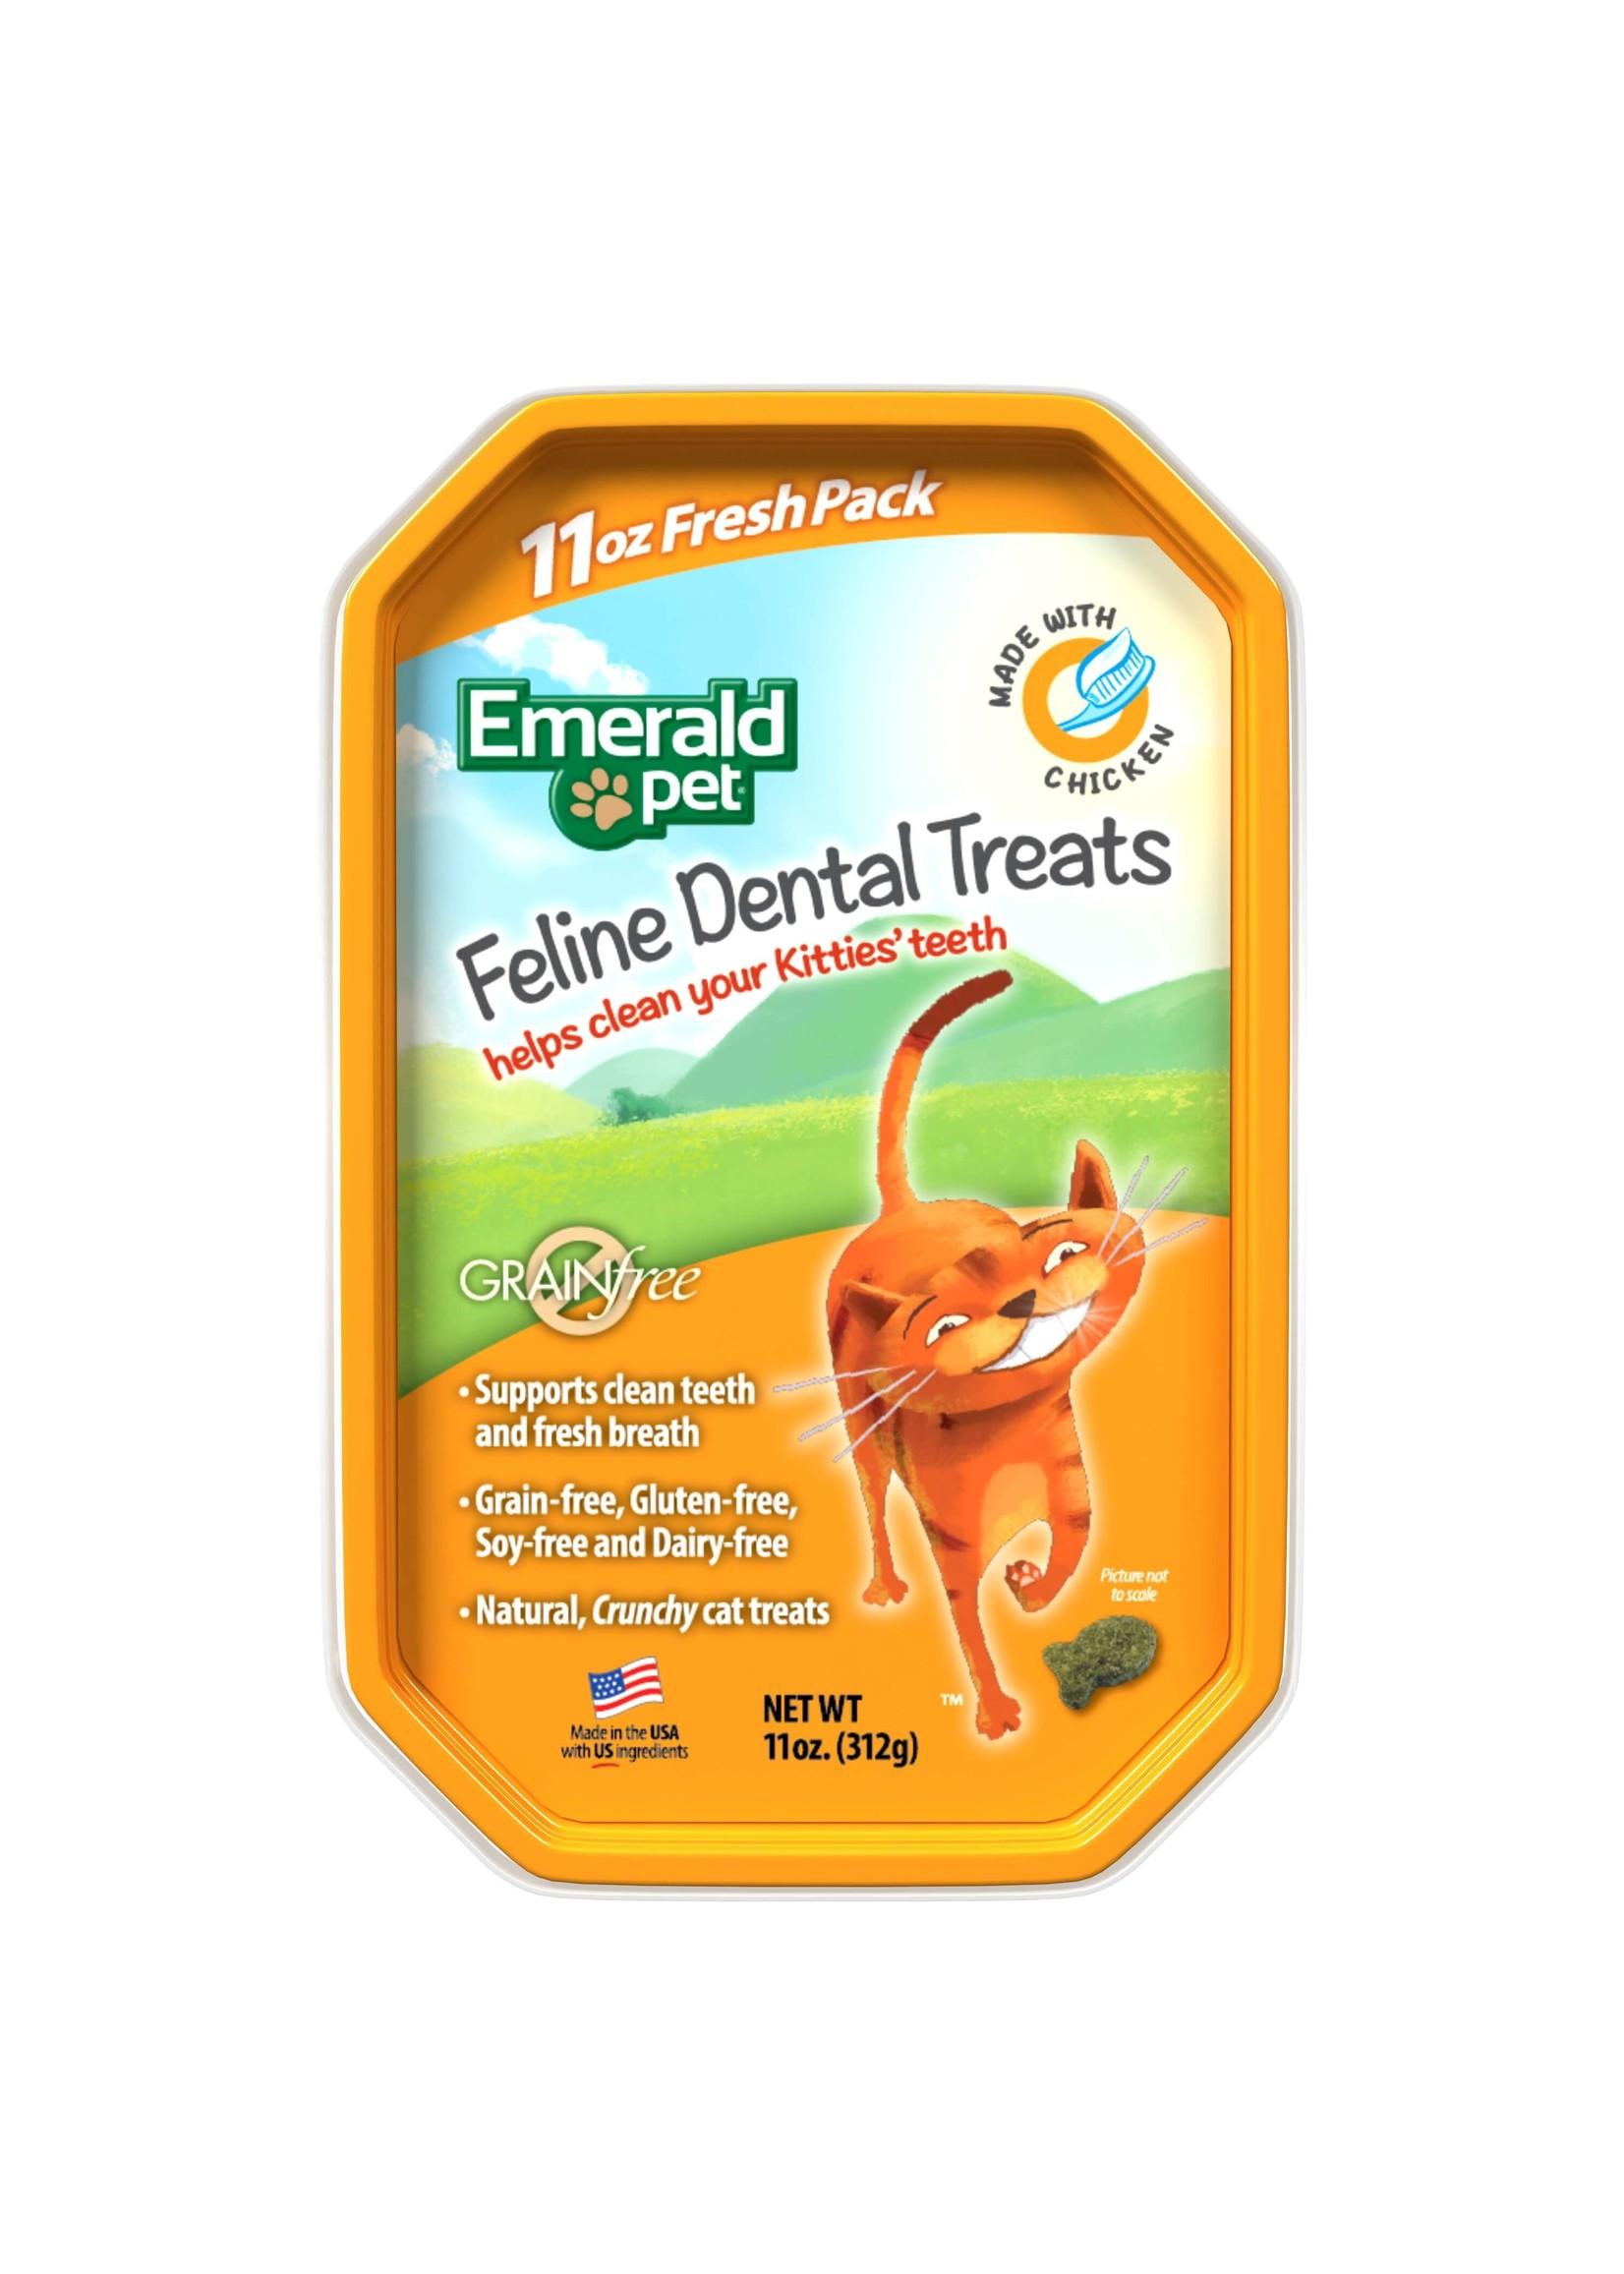 Emerald Pet Emerald Pet Feline Dental Treats 3 oz